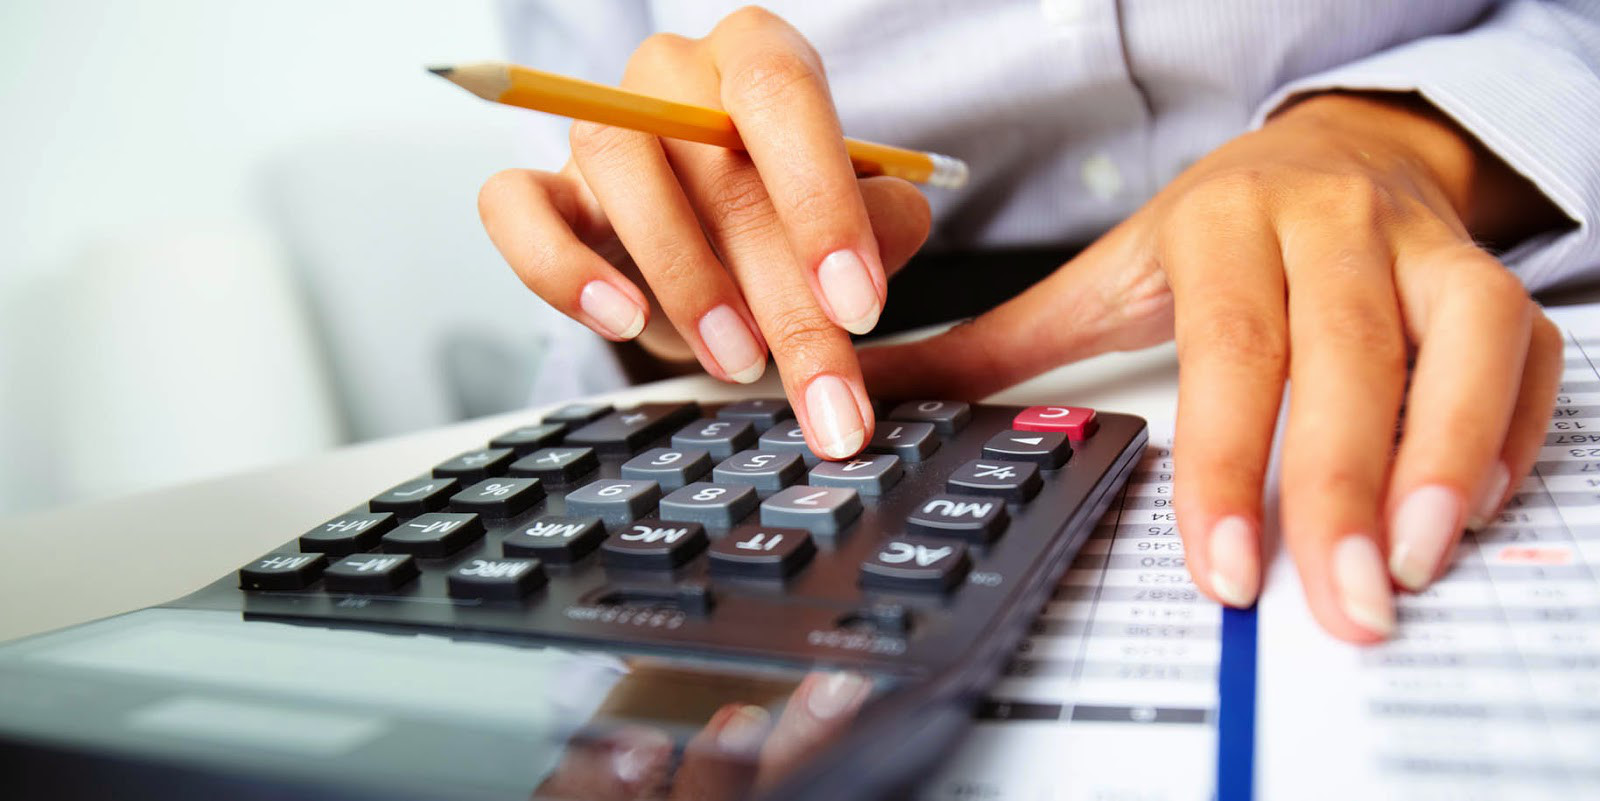 Hướng dẫn kê khai thuế, sử dụng hóa đơn